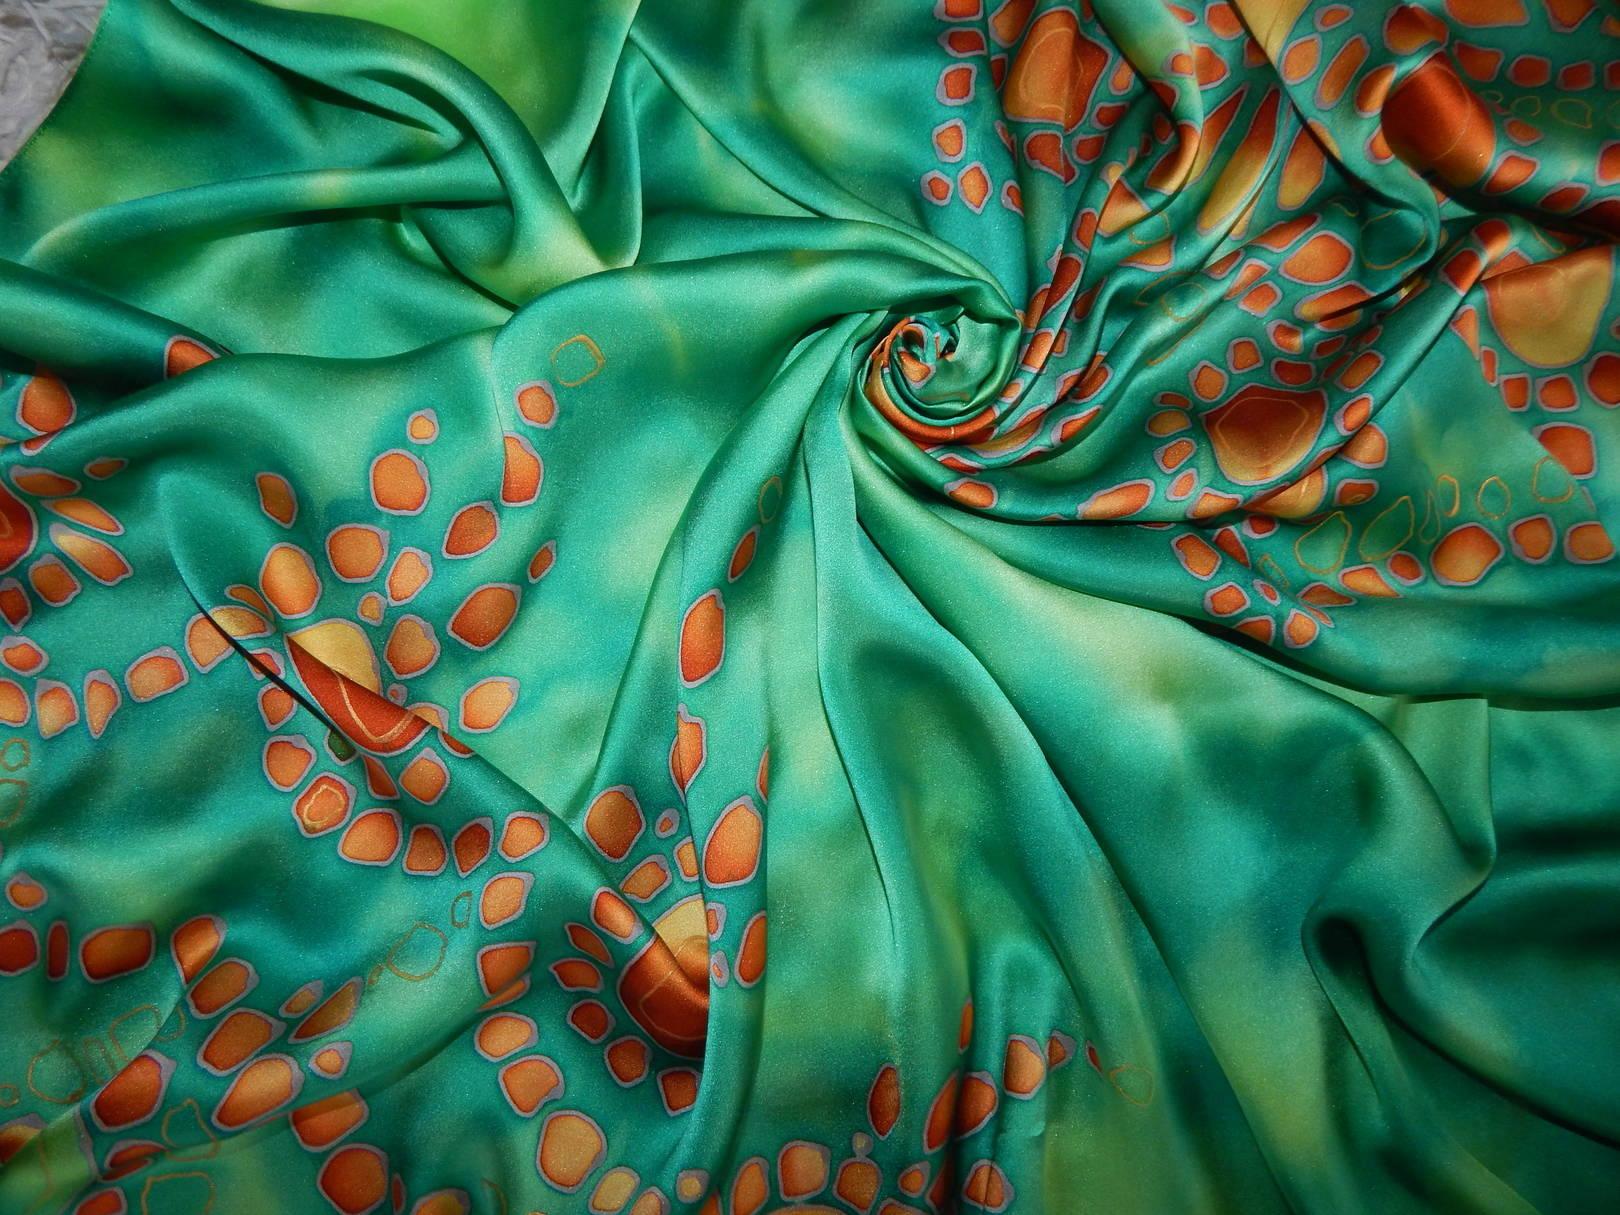 Платок выполнен из натурального шелка - атласа, расписанного вручную в технике холодного батика. Очень эффектный яркий аксессуар непременно подчеркнет Вашу женственность и выразит Вашу индивидуальность! Вас заметят и никогда не забудут!